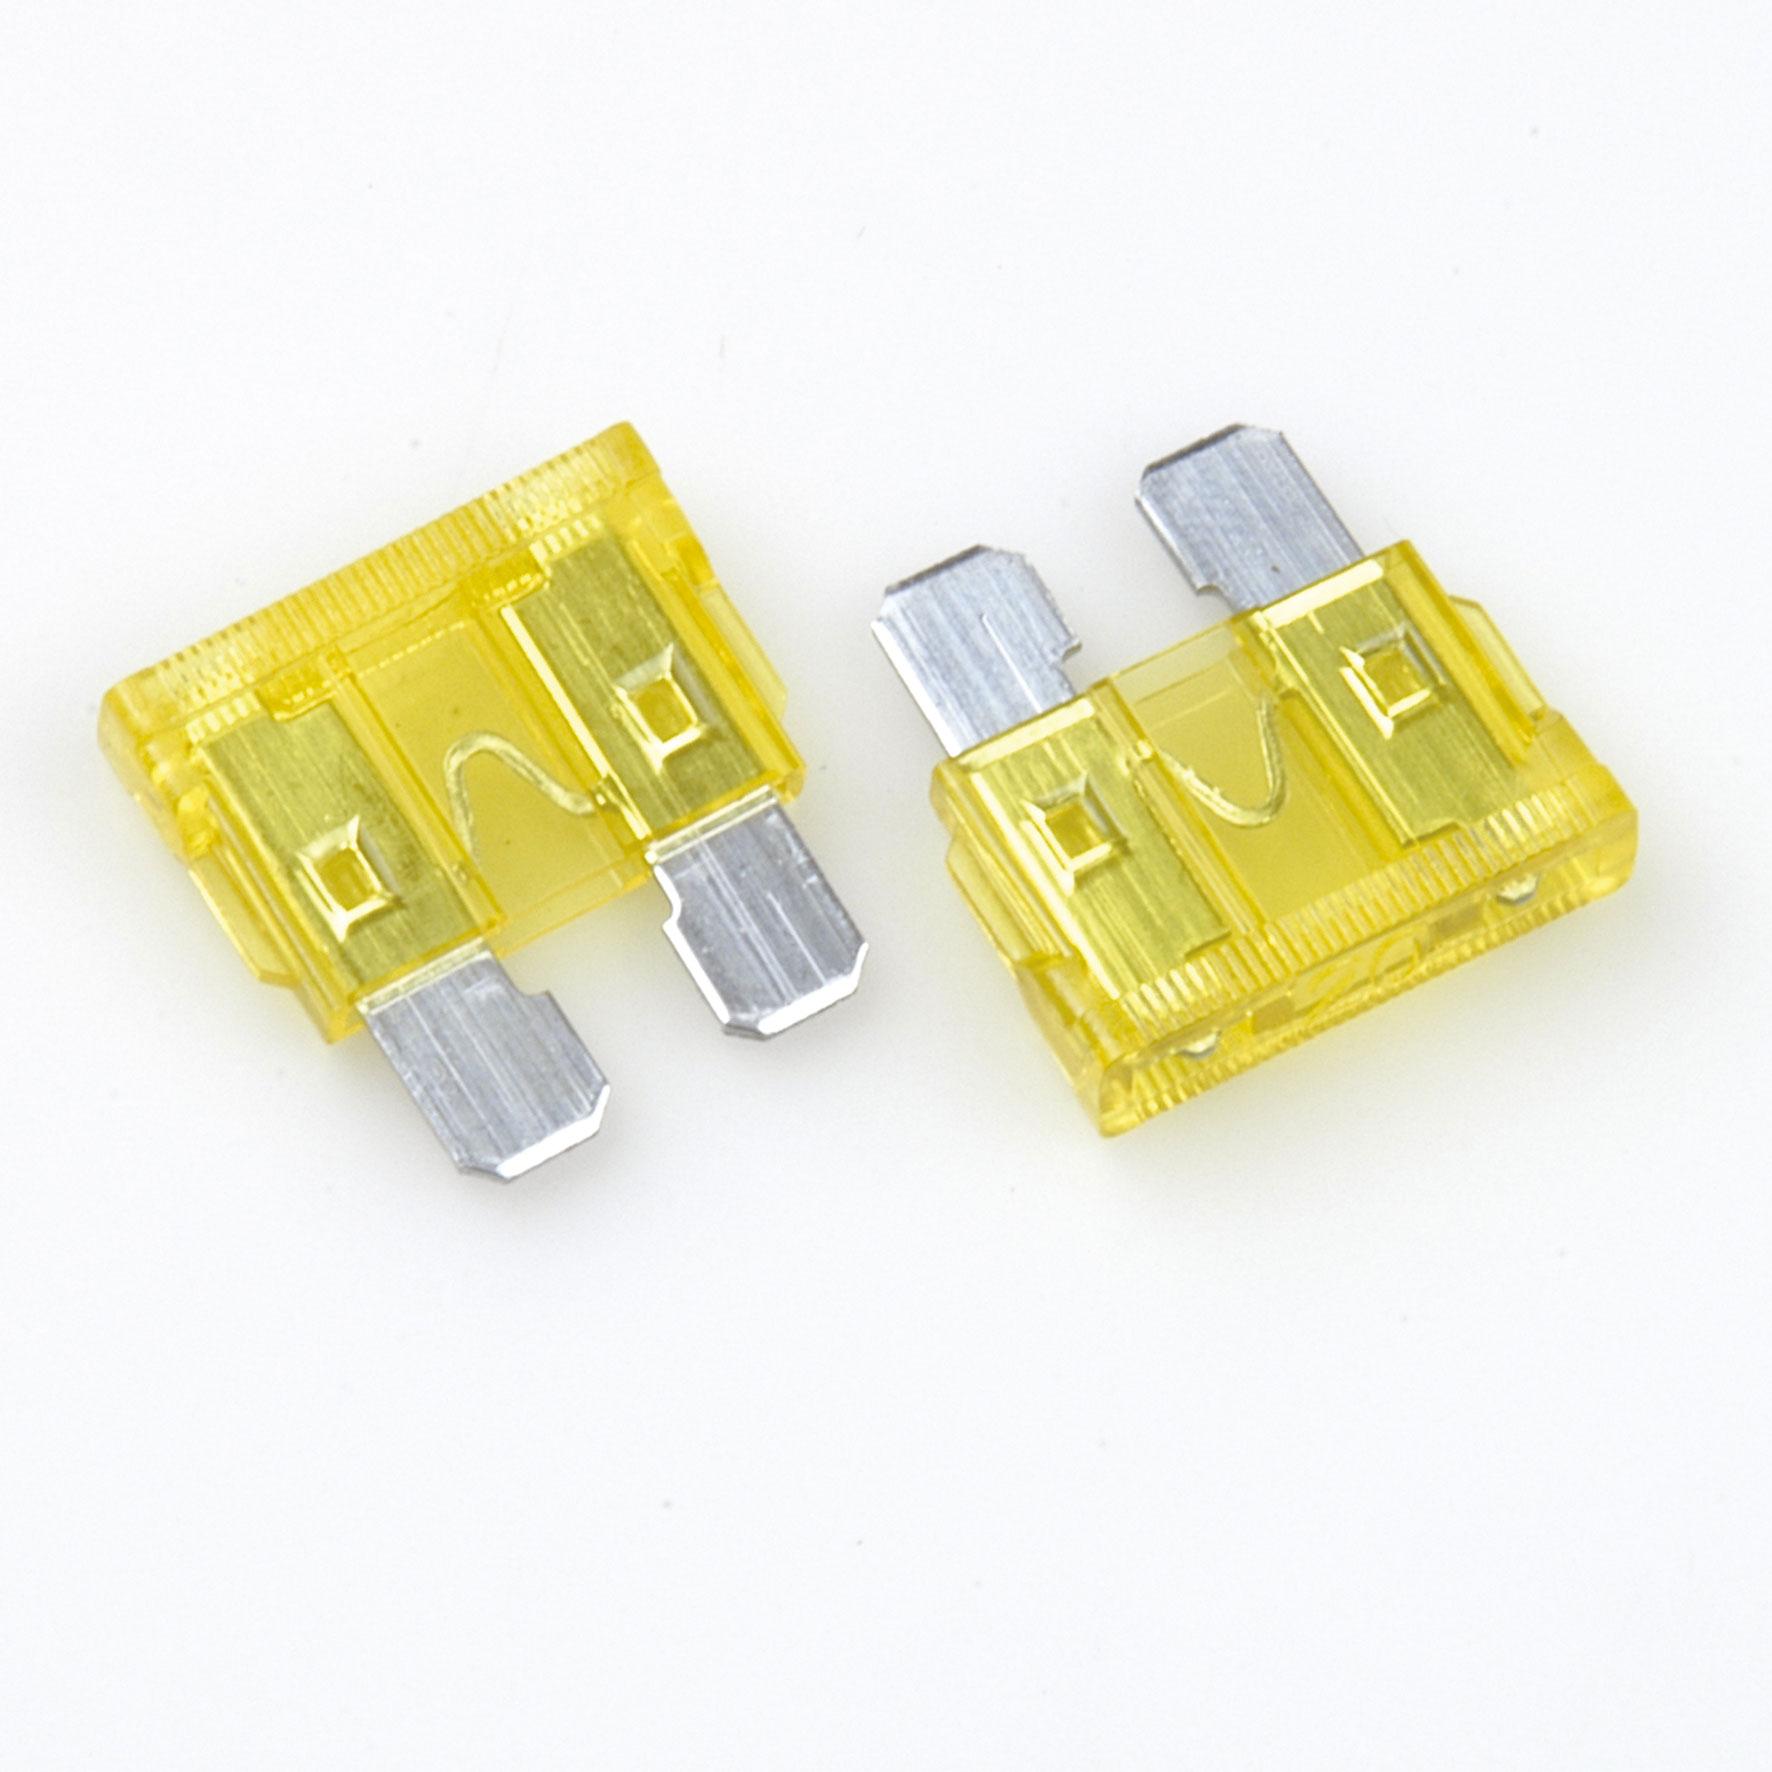 Unitec Flachstecker-Sicherung 20 Ampere 5 Stück Bild 1